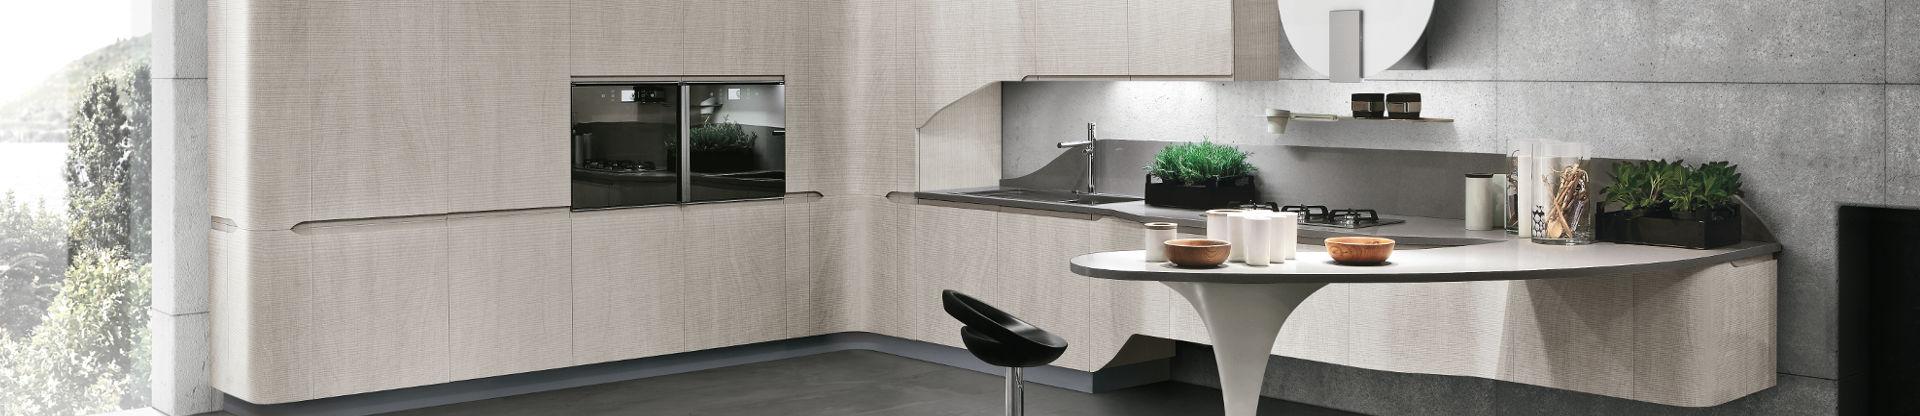 cuisine cuisine d exposition a vendre cuisine design et d coration photos. Black Bedroom Furniture Sets. Home Design Ideas